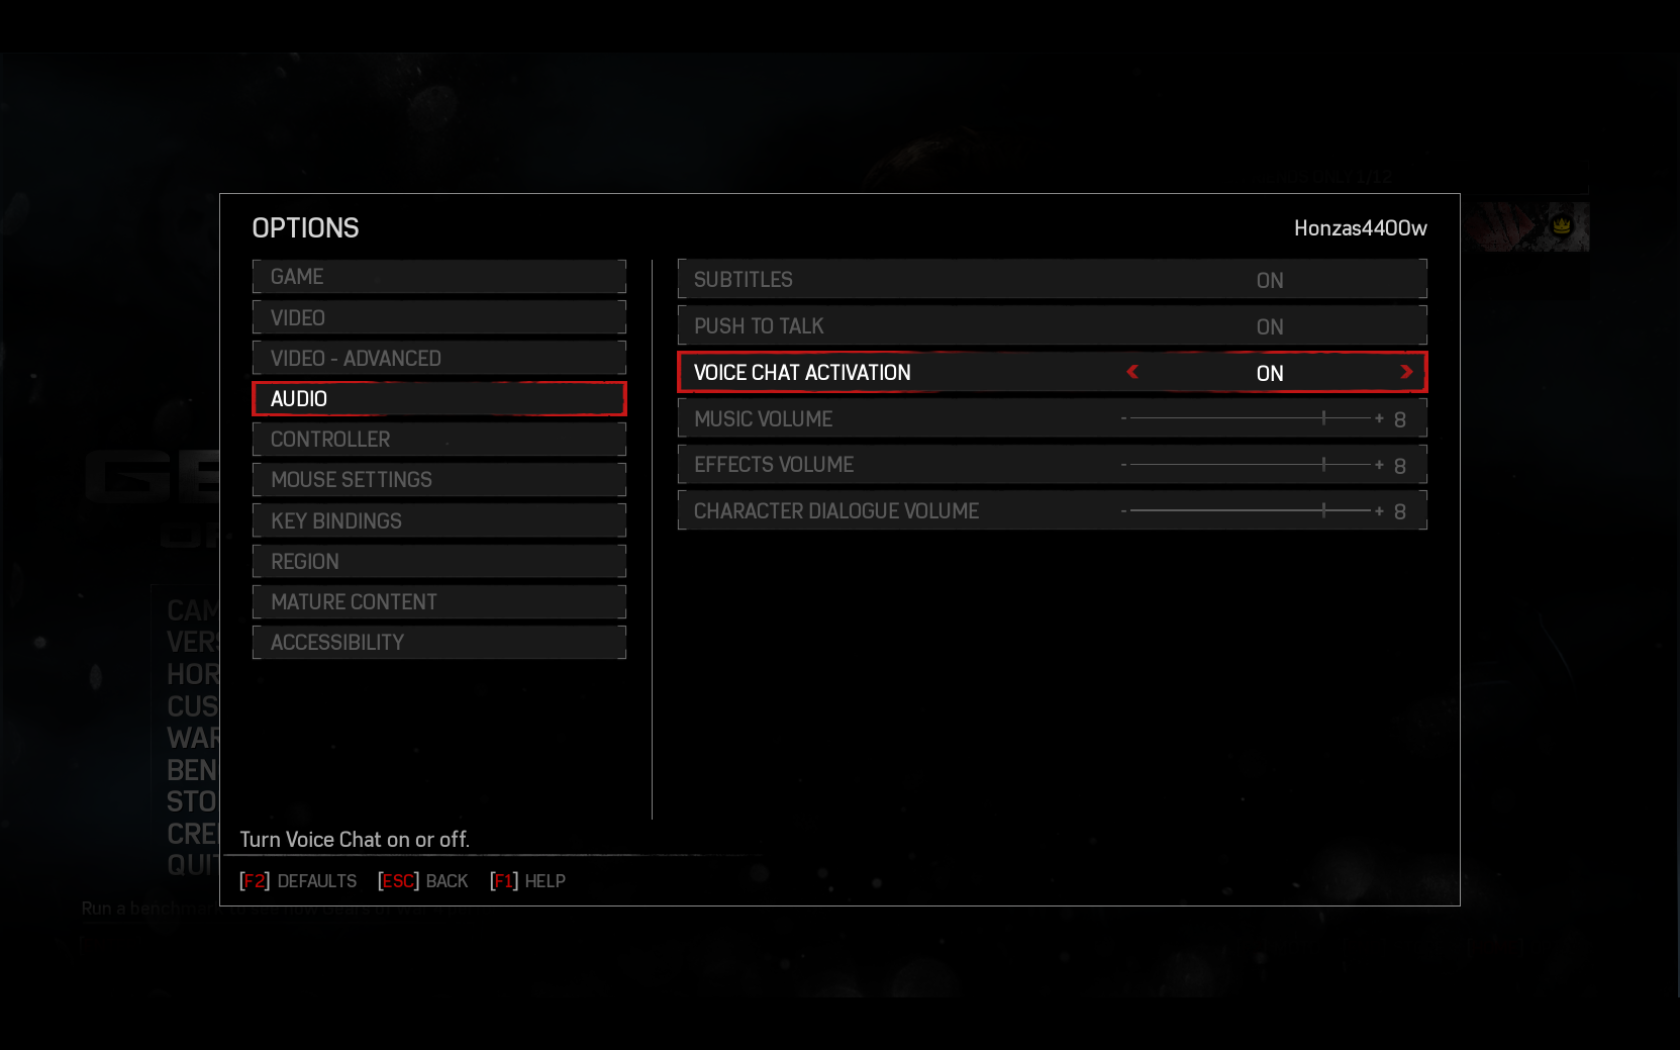 PC verze Gears of War 4 si zaslouží velkou pochvalu 131663